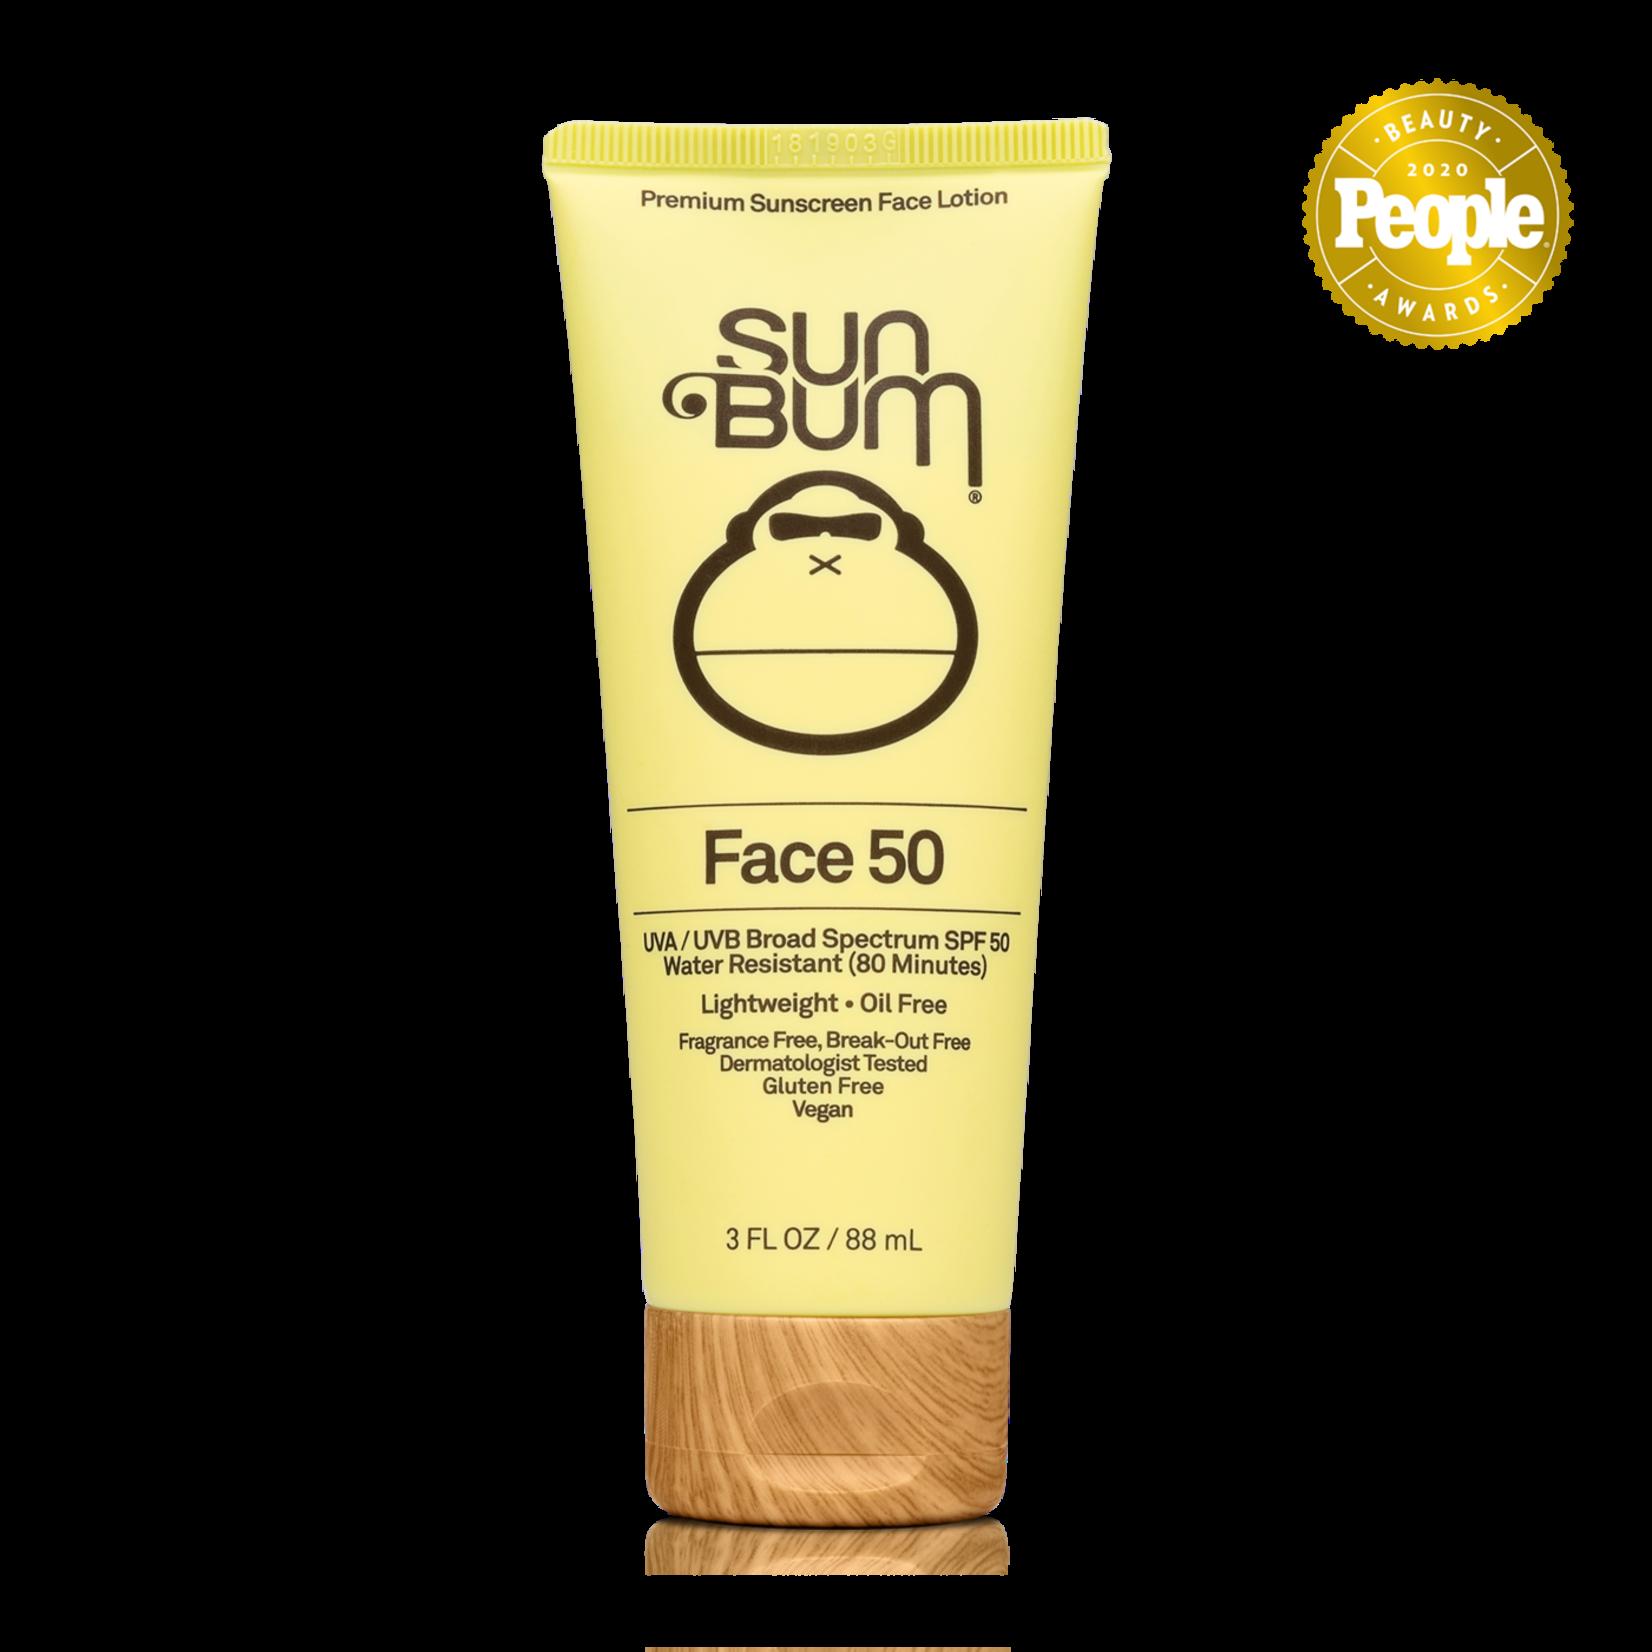 Sun Bum FACE 50